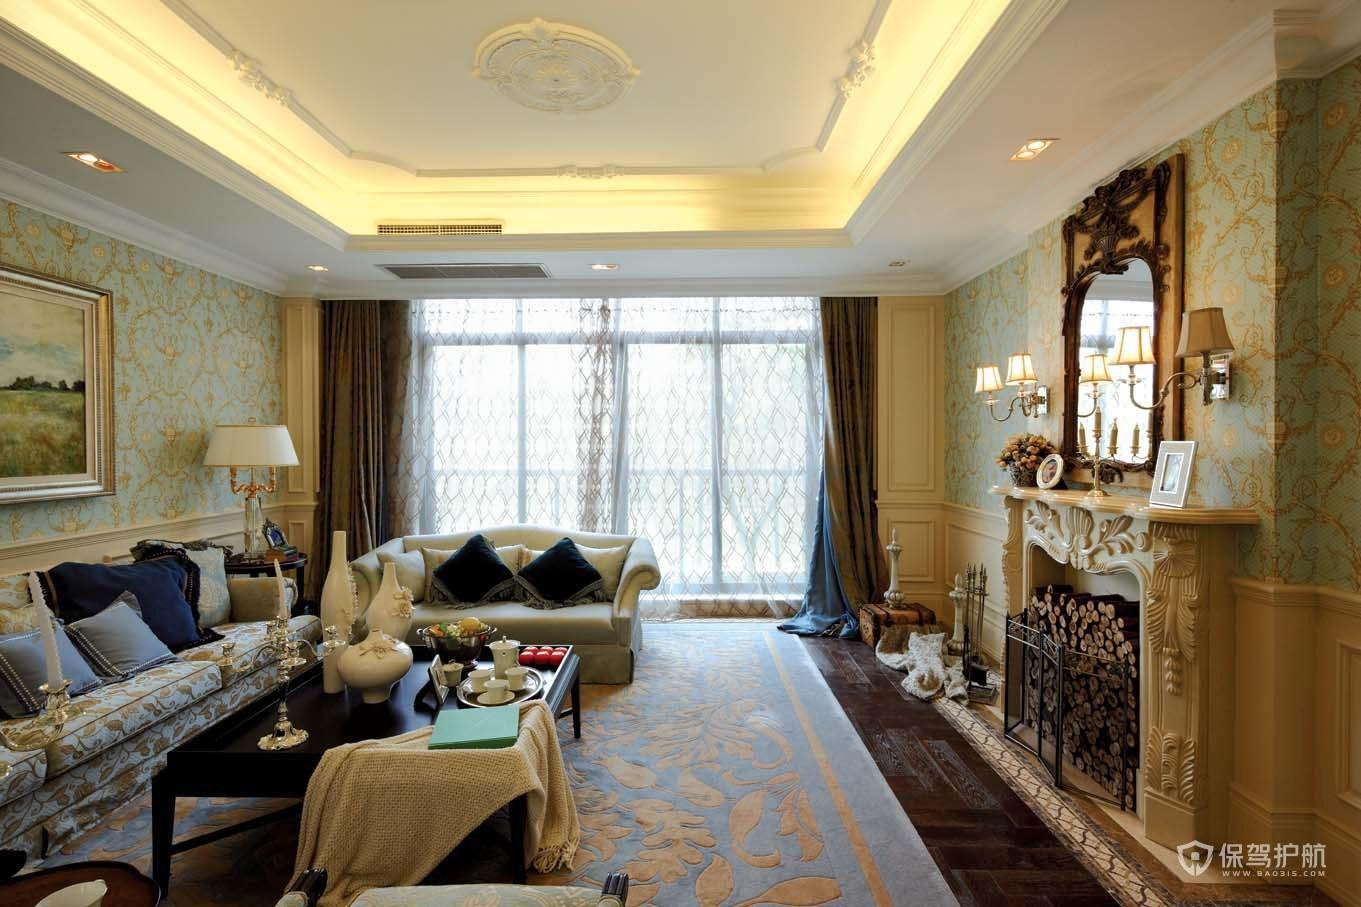 客厅有必要装灯带吗?客厅装灯带优缺点分析